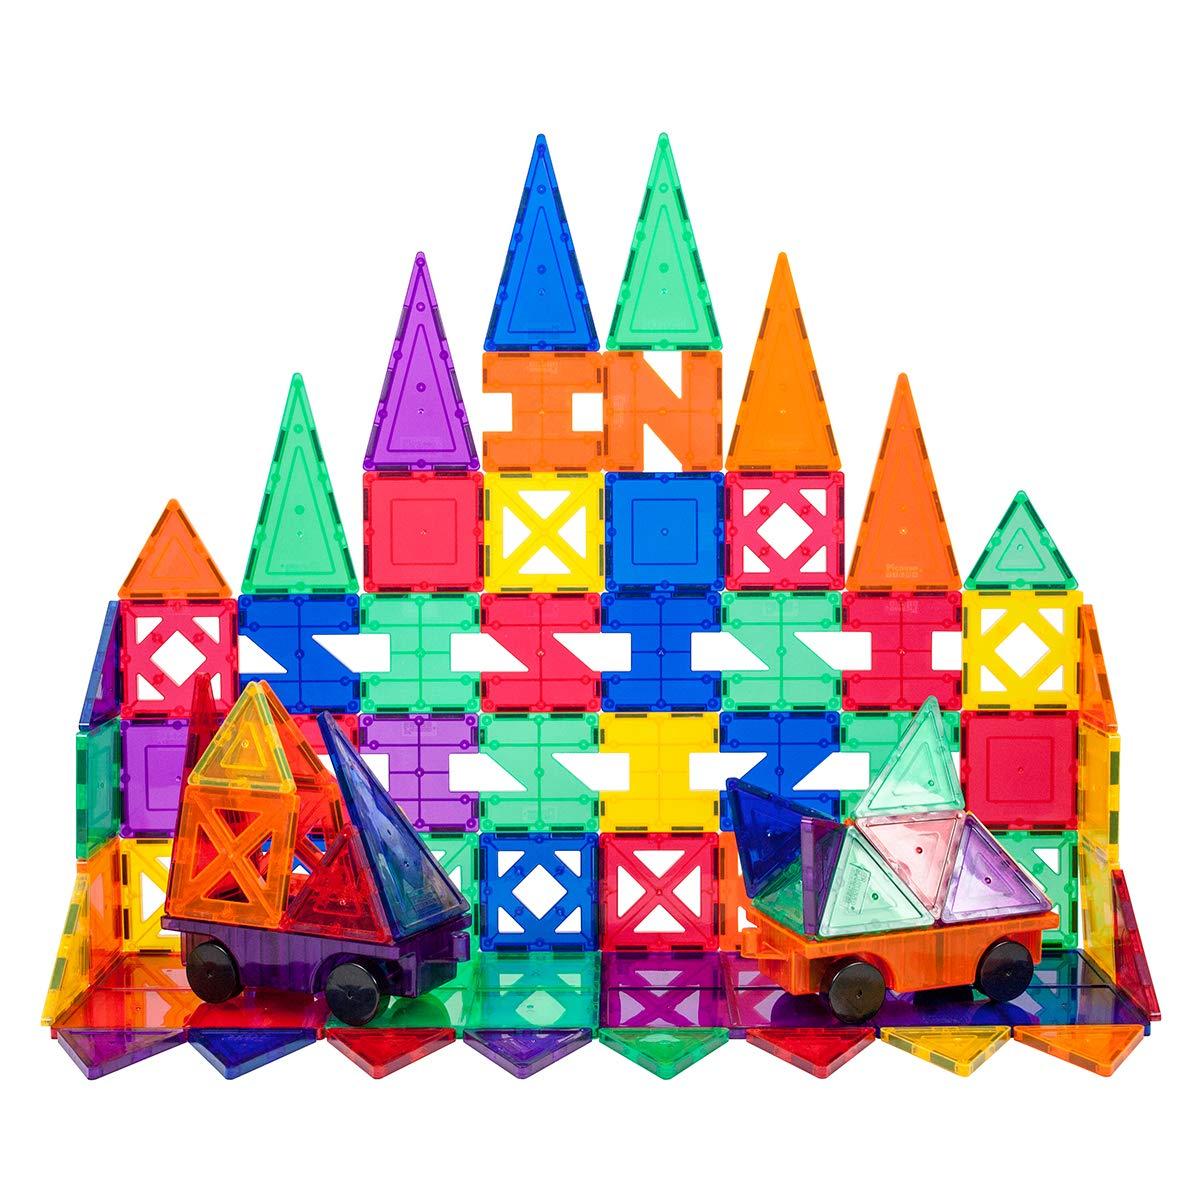 PicassoTiles PT82 Creativity Set Magnet Building Tiles Clear Color Magnetic 3D Building Block - Creativity Beyond Imagination! Educational, Inspirational, Conventional, Recreational by PicassoTiles